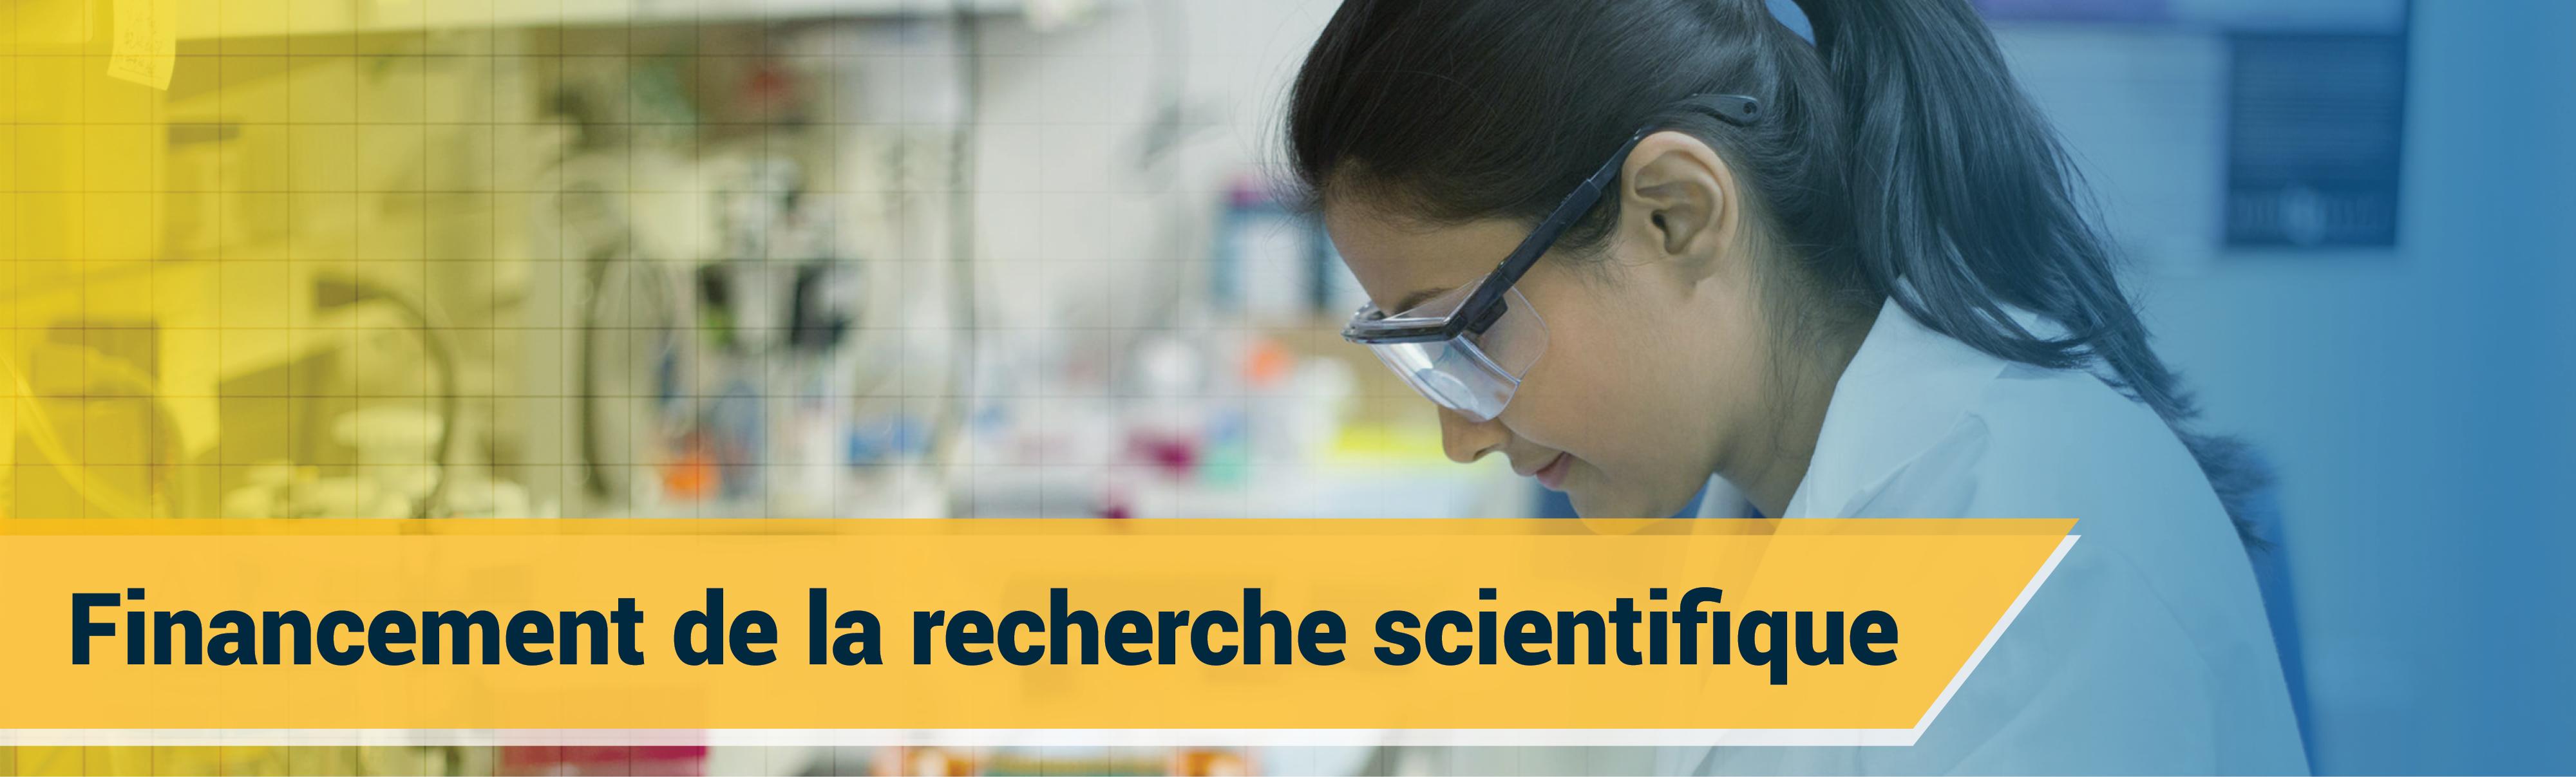 Financement de la recherche scientifique